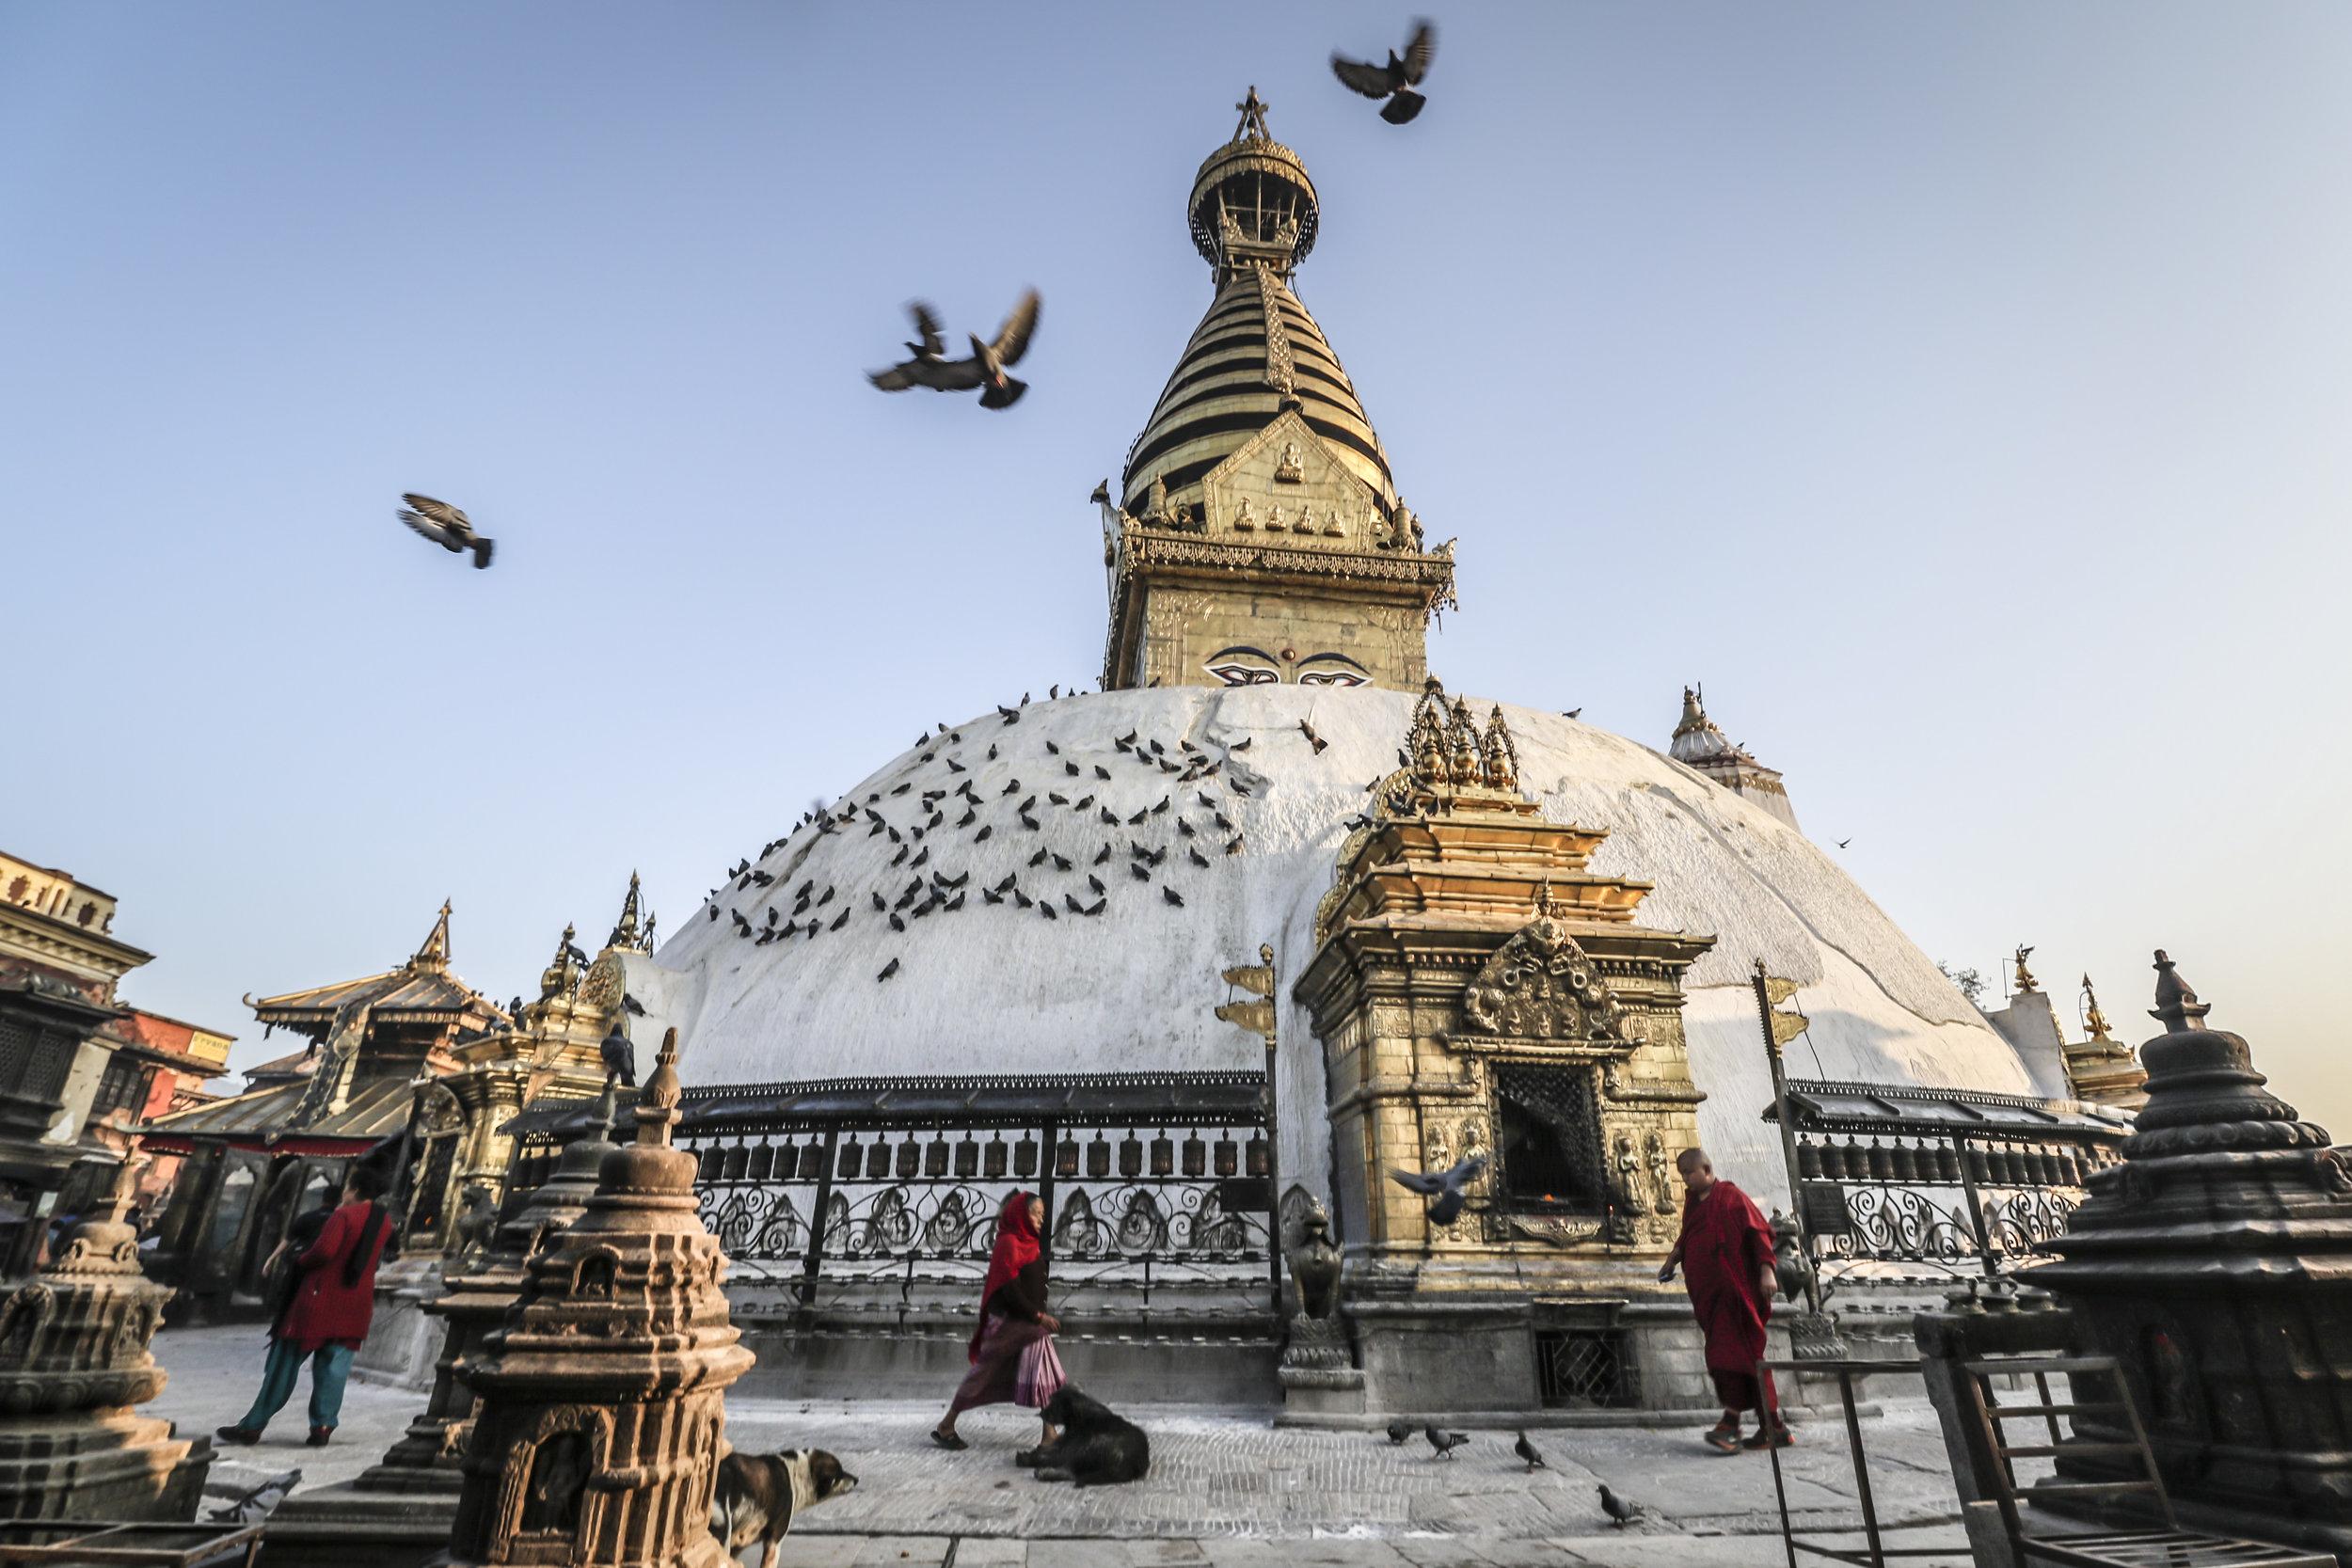 Kathmandu's Swayambhunath Stupa (Monkey Temple)